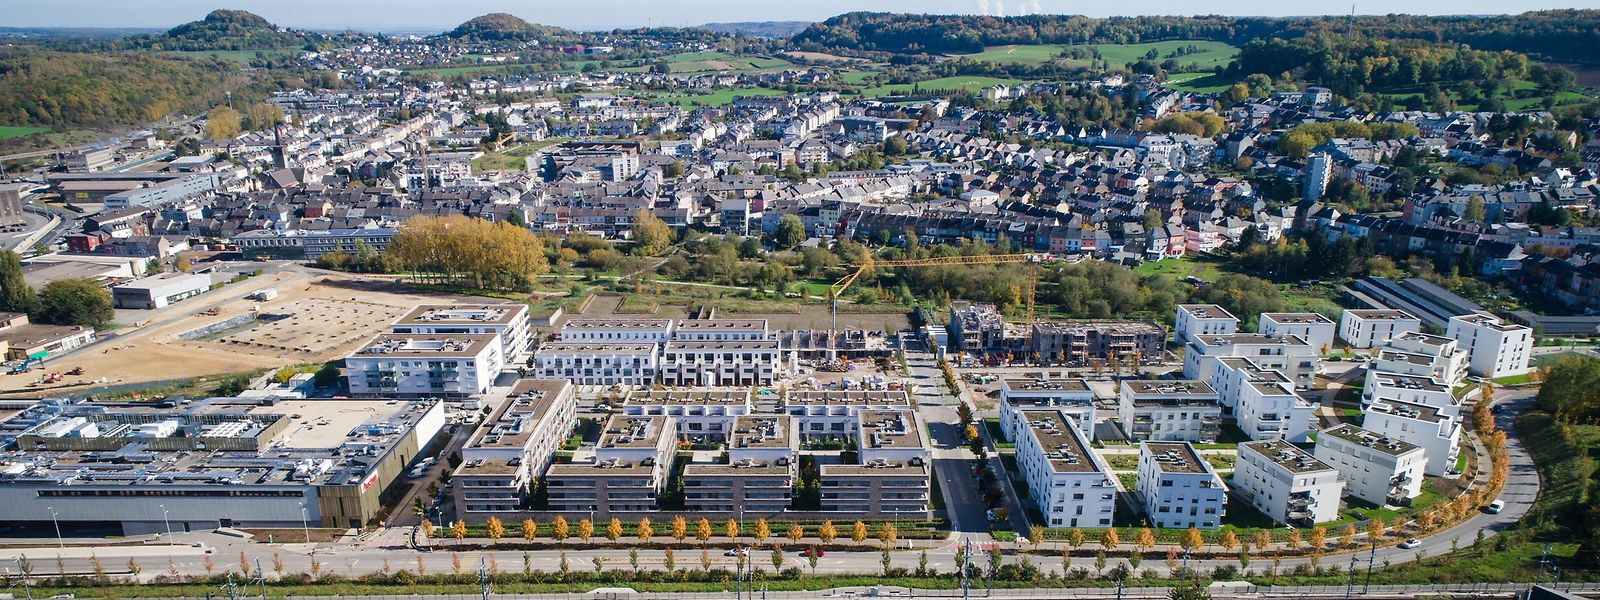 Differdingen zählt inzwischen mehr als 26.000 Einwohner. In Zukunft könnte es sich zu einer deutlich größeren Kleinstadt mausern, findet Architekt Florian Hertweck.